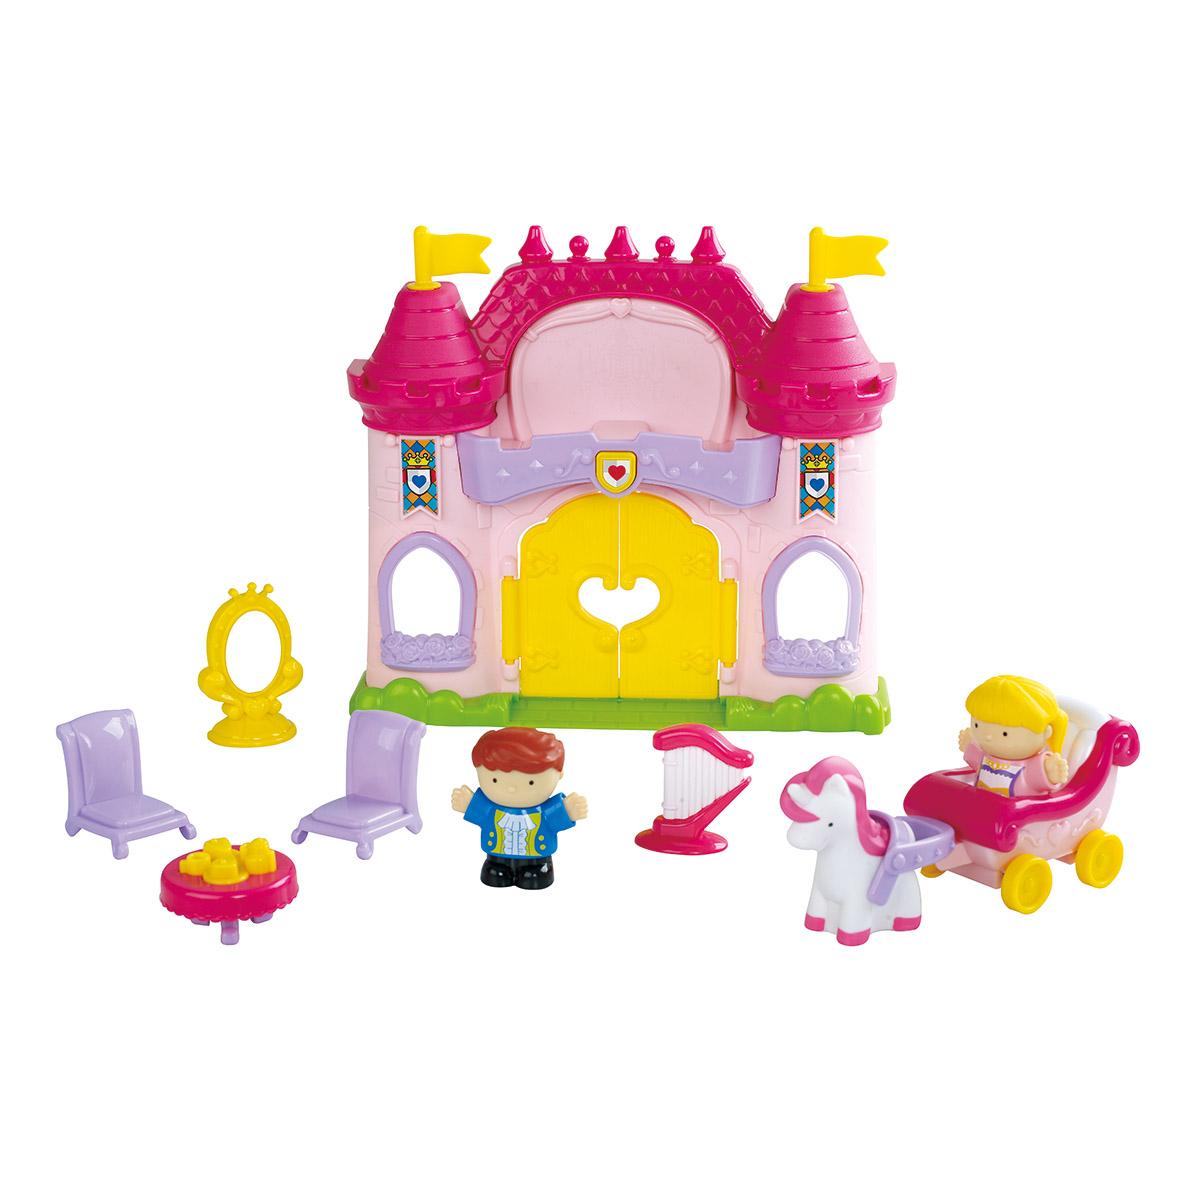 Игровой набор PLAYGO Сказочный замок набор с пластилином playgo мульти